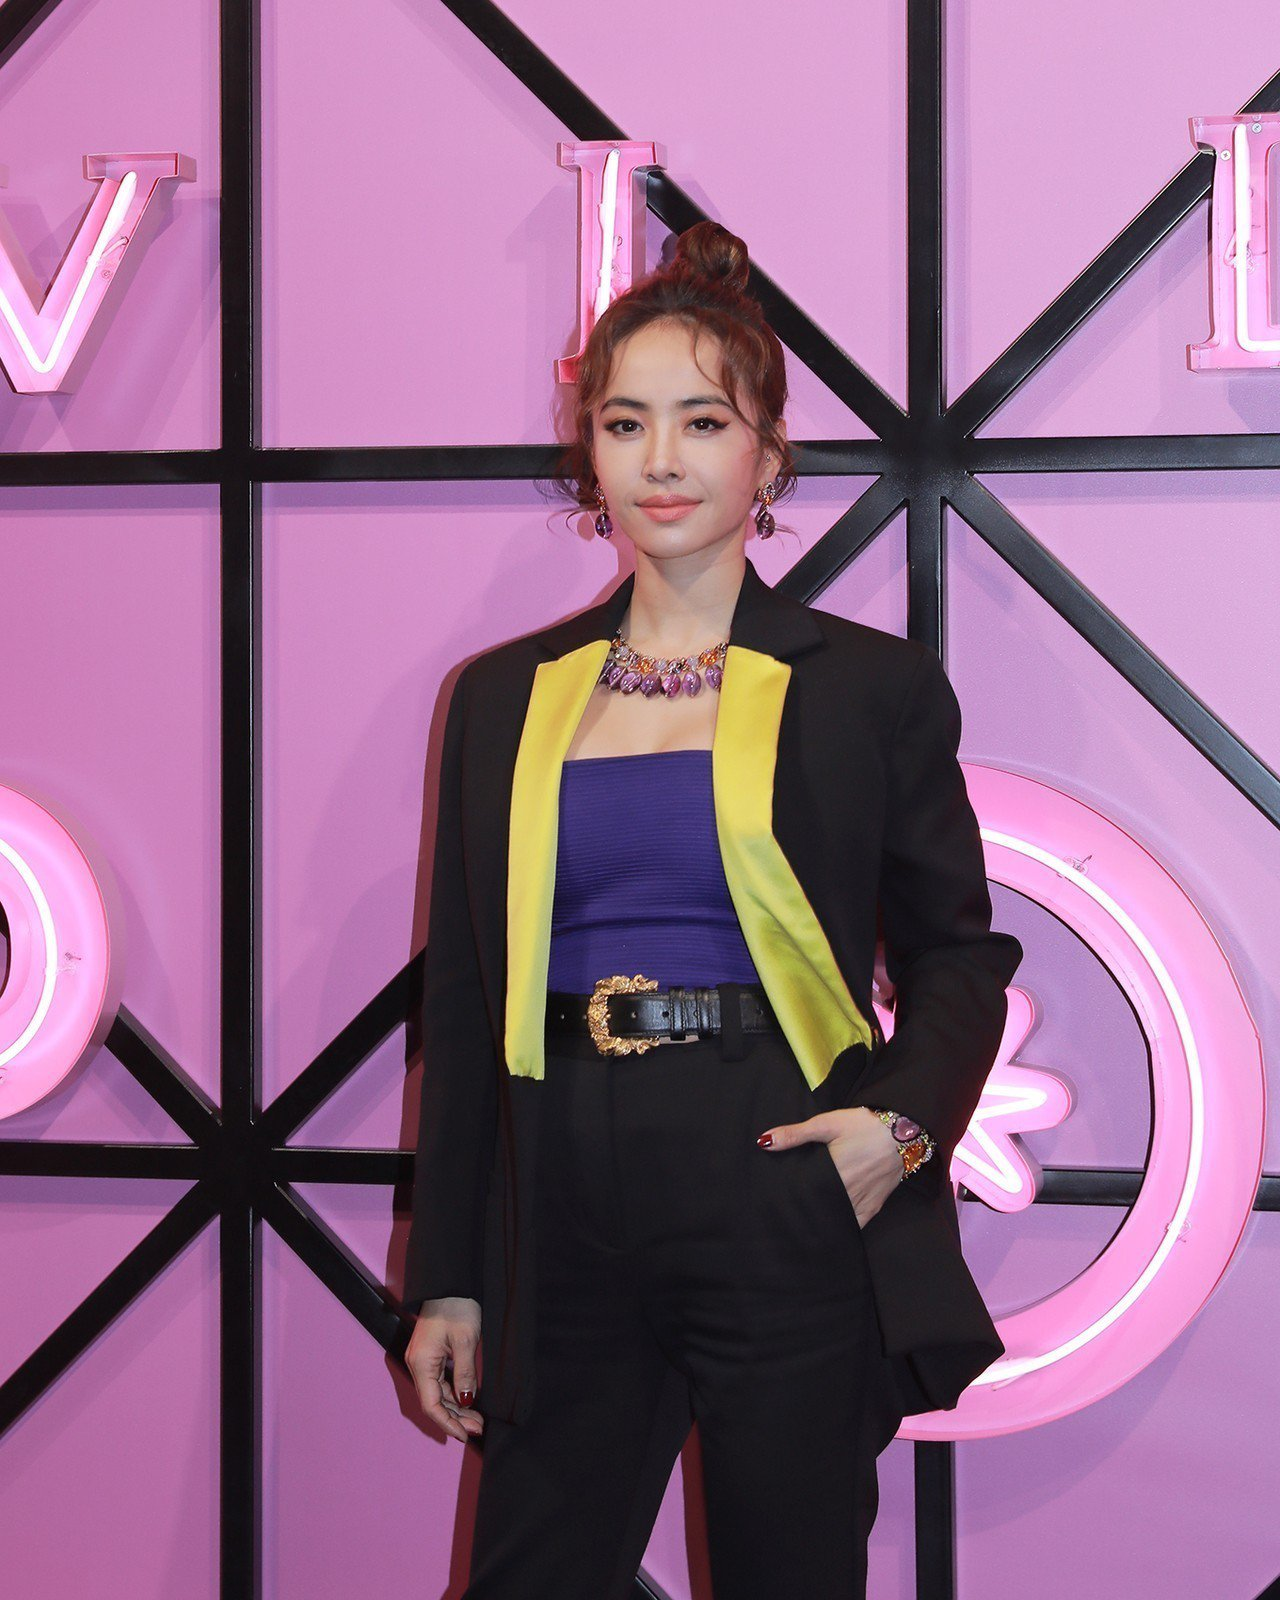 寶格麗大中華區品牌代言人蔡依林以一身帥氣打扮,搭配寶格麗頂級彩寶項鍊,向80年代...